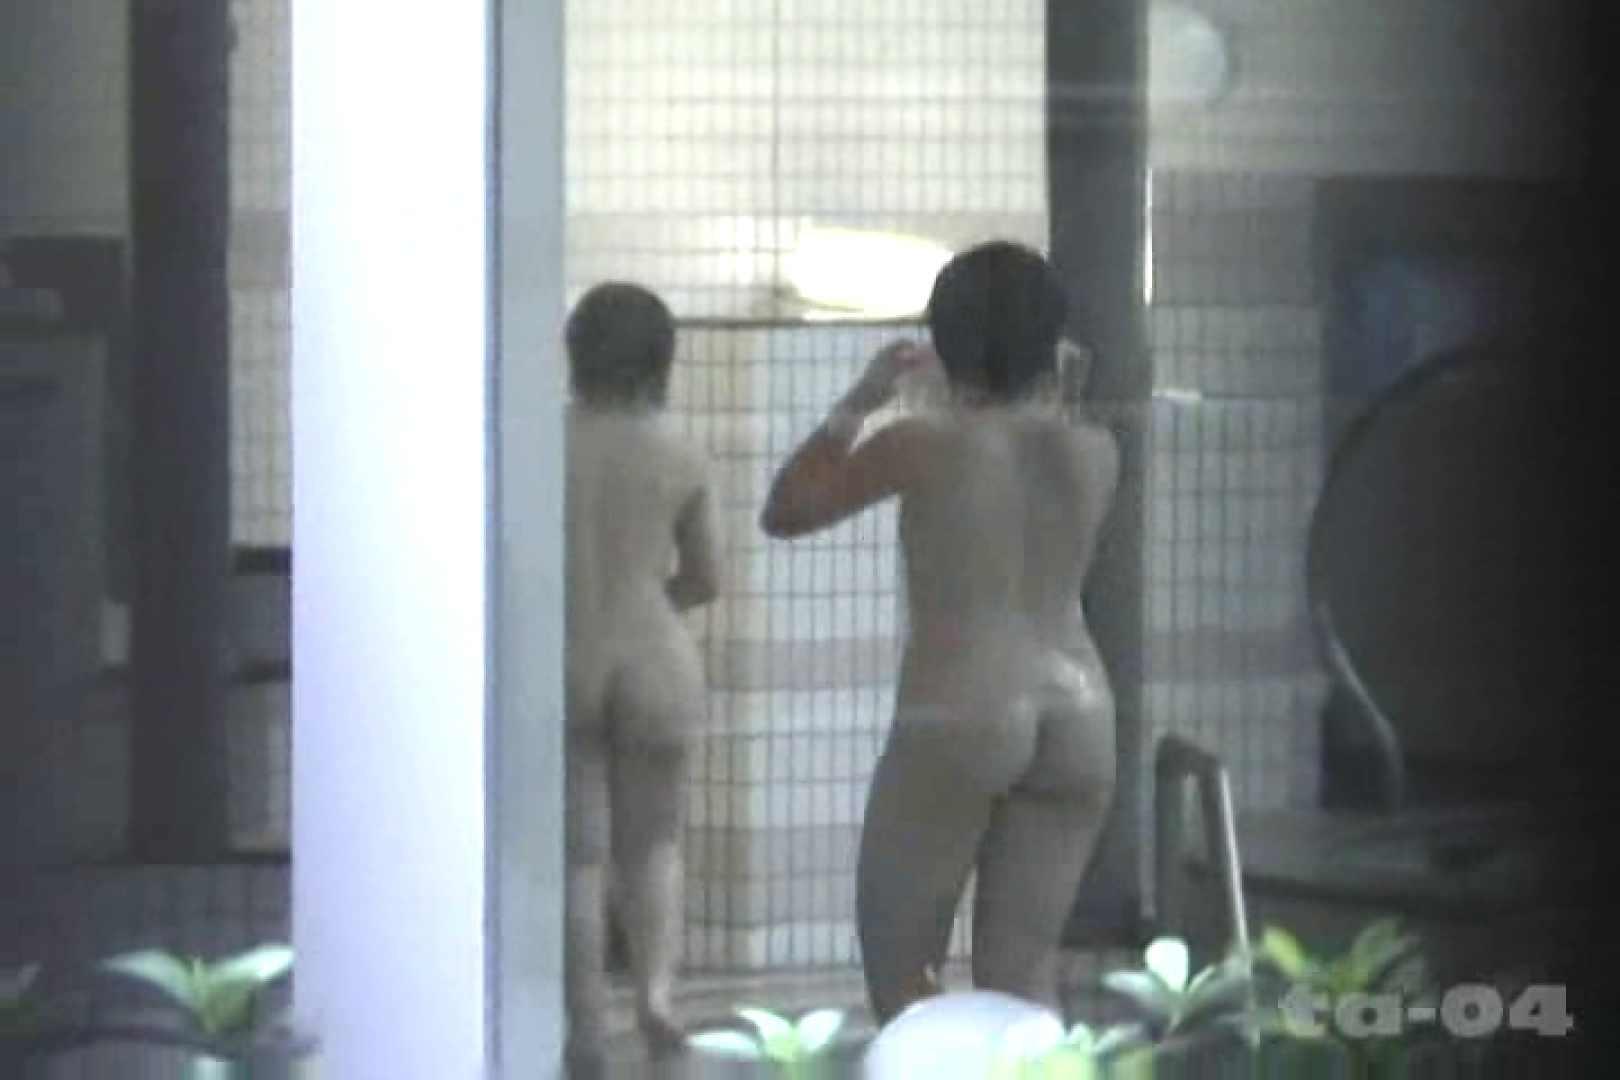 合宿ホテル女風呂盗撮高画質版 Vol.04 盗撮で悶絶 AV無料動画キャプチャ 83画像 7